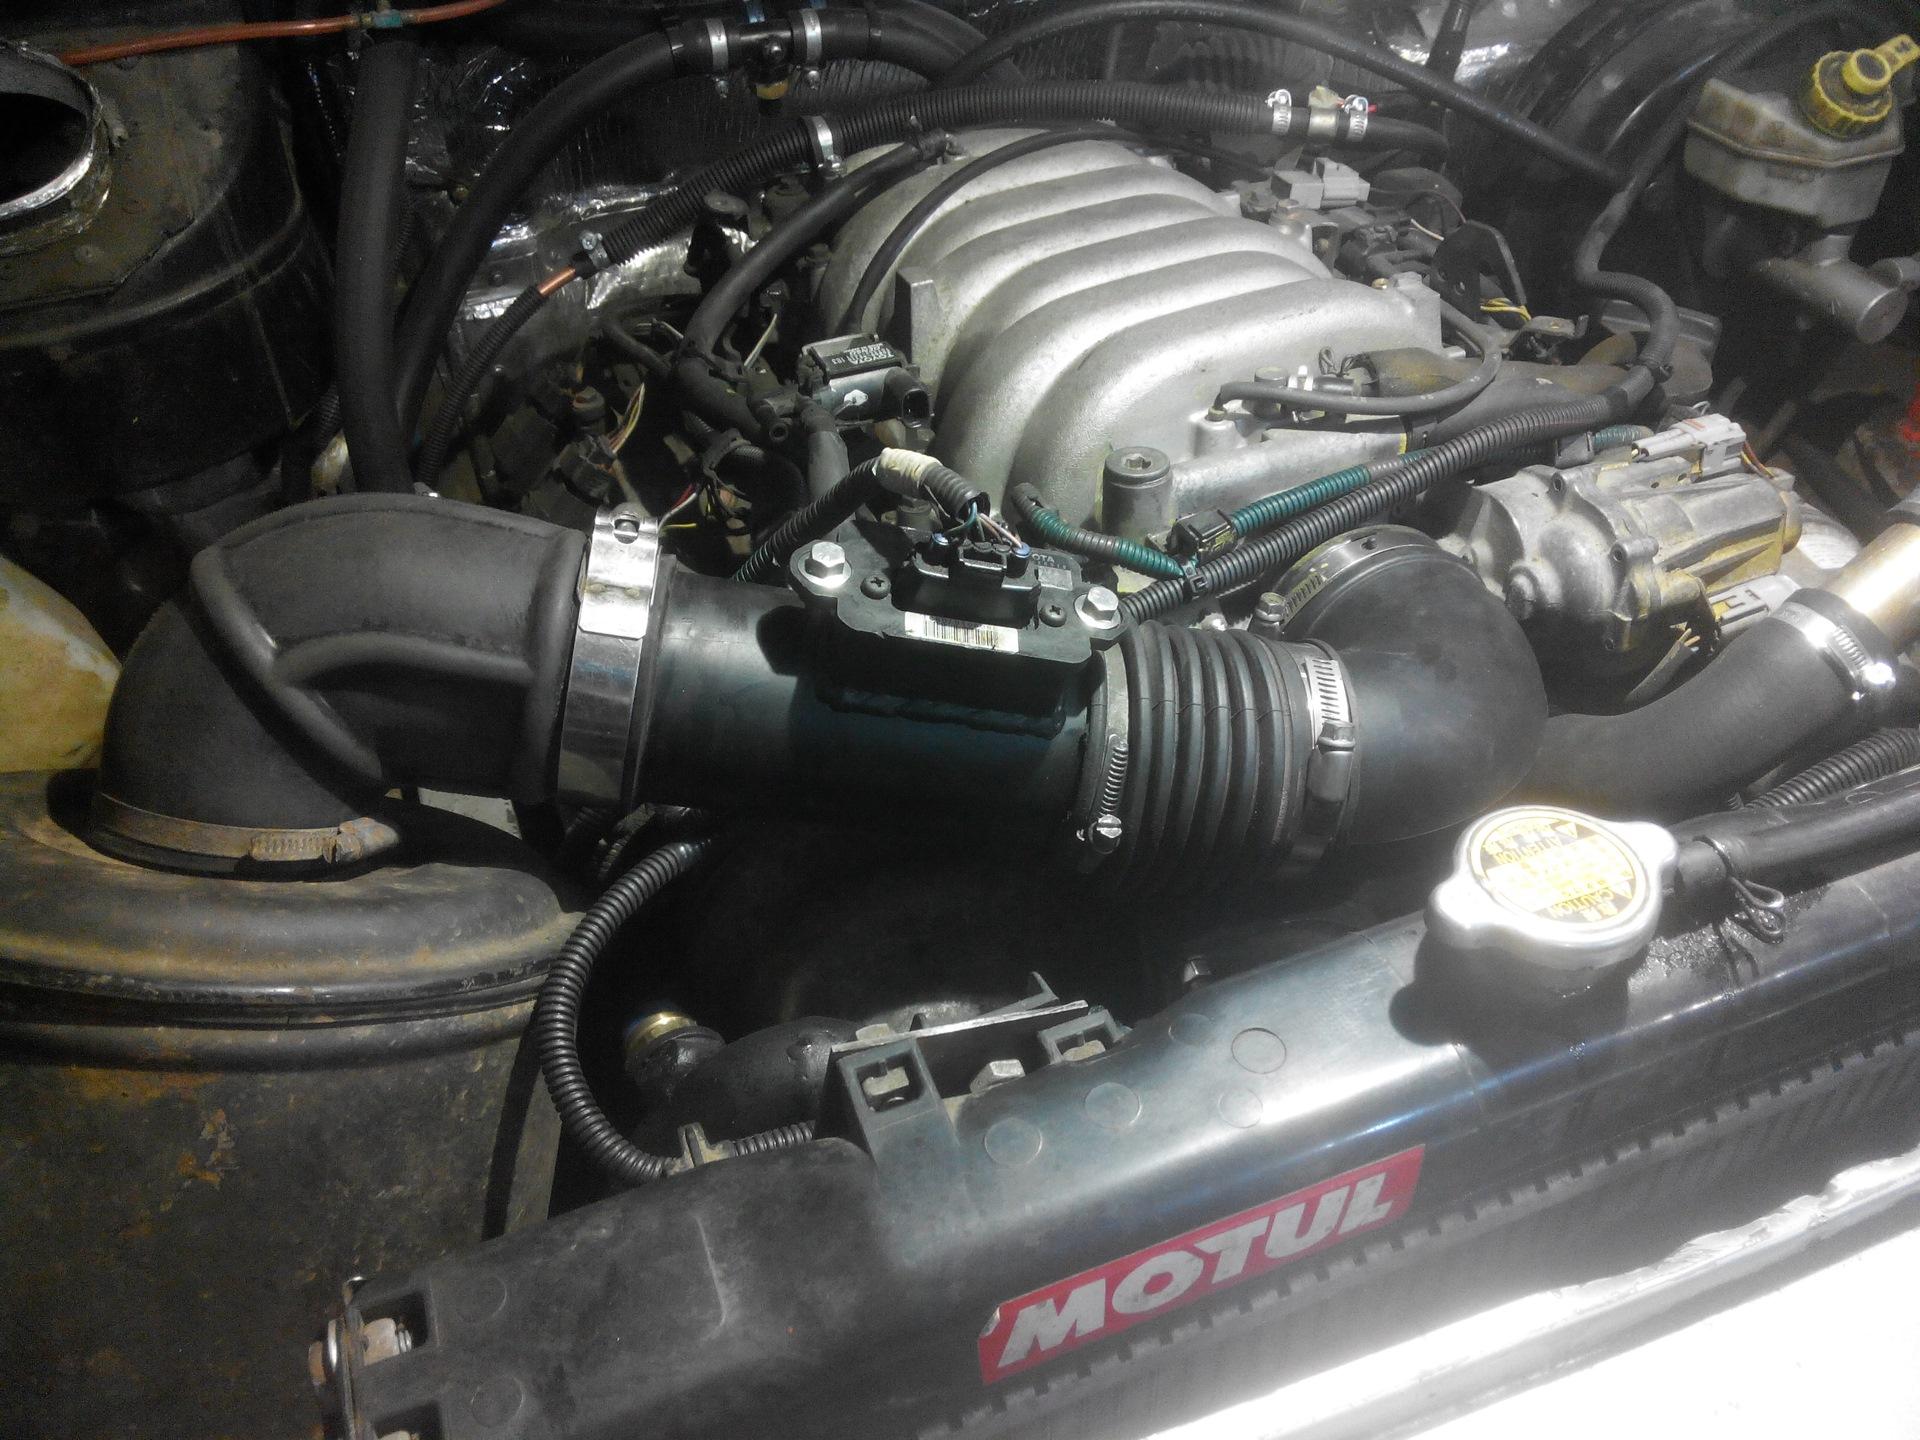 Ресурс двигателя Уаз Патриот ЗМЗ-40906, ЗМЗ-409051, ЗМЗ-51432, ЗМЗ-40905